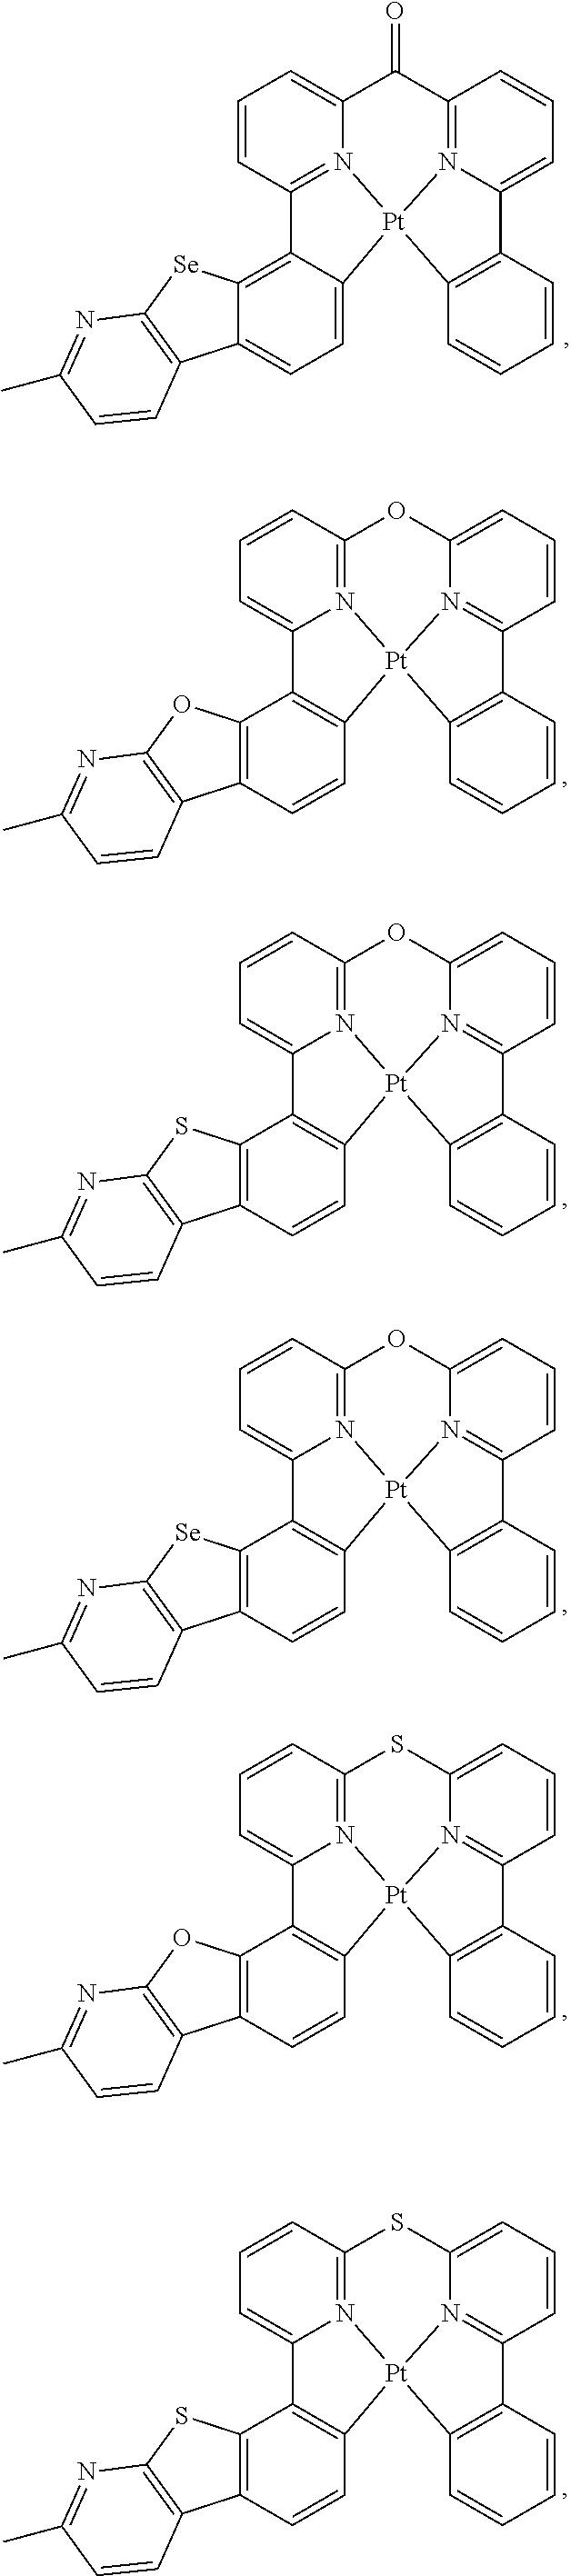 Figure US09871214-20180116-C00270